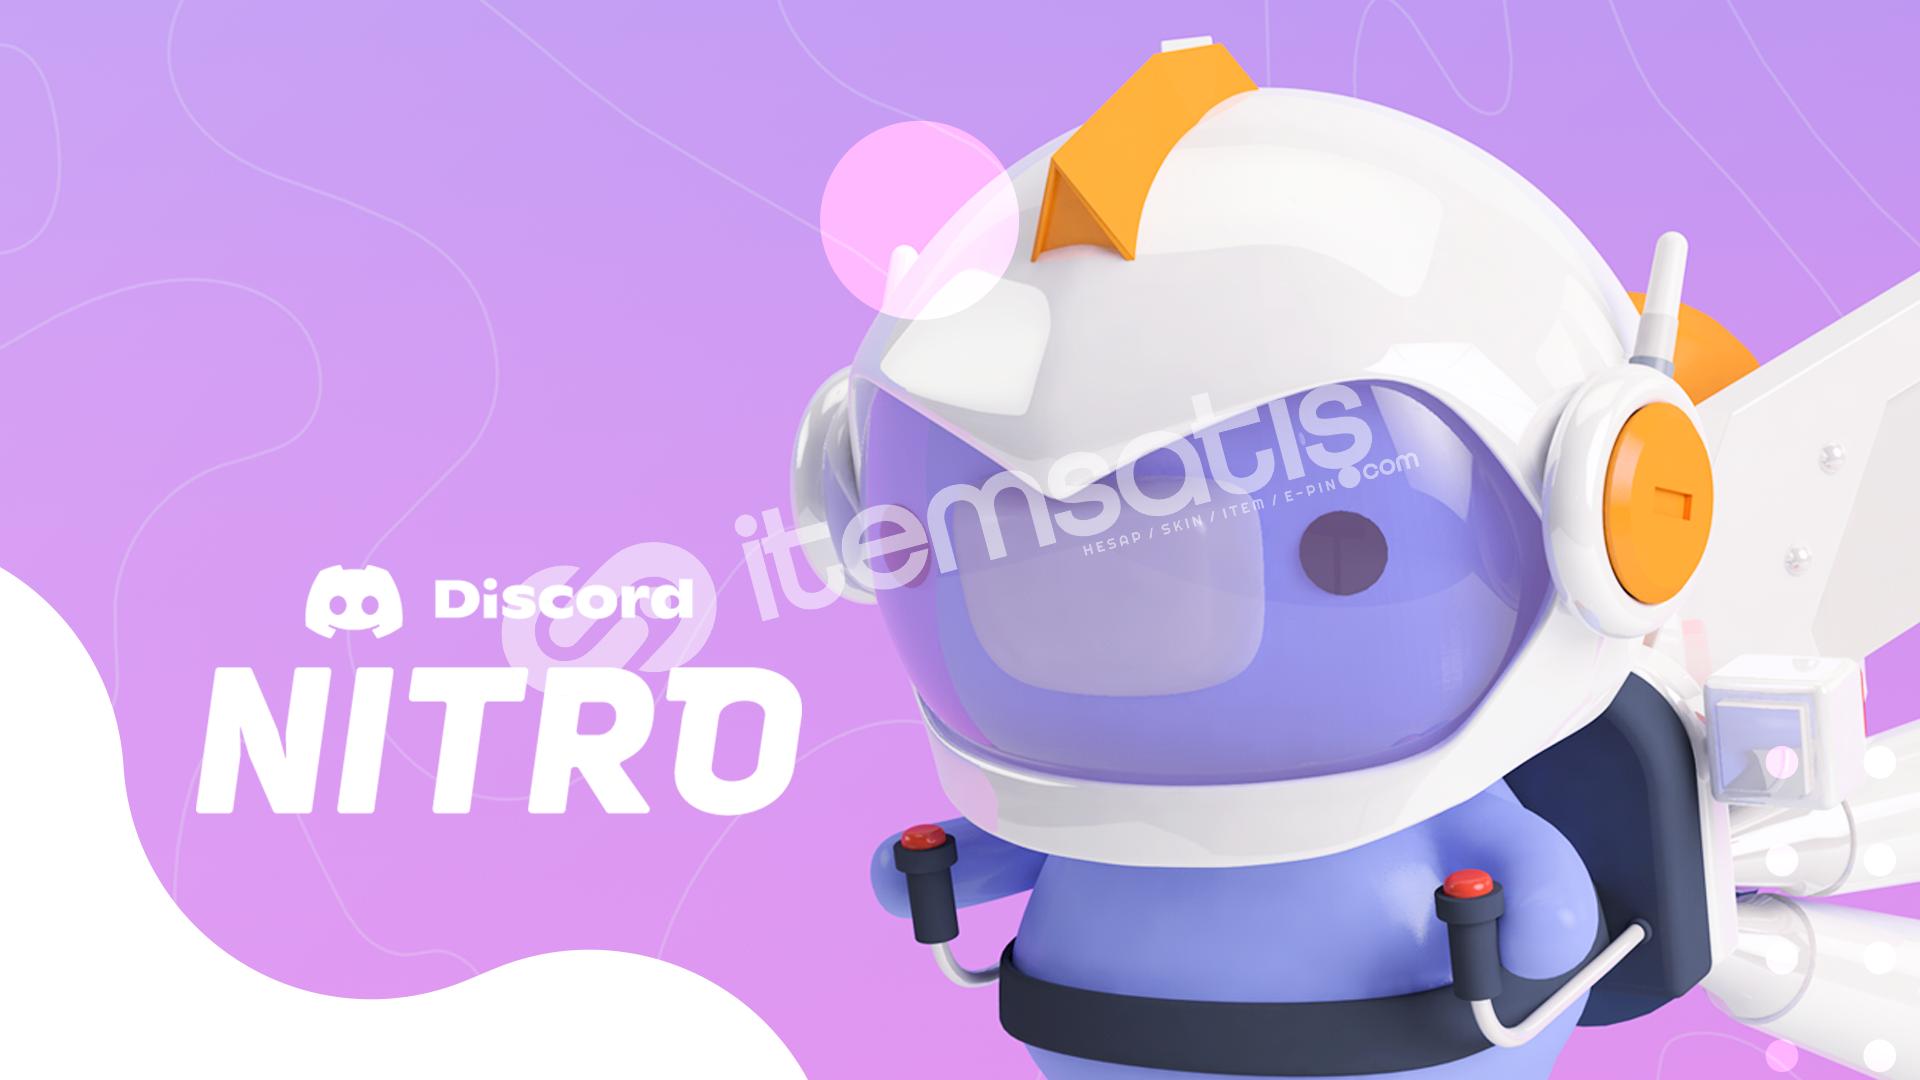 Discord 3 Aylık 2 Boostlu Nitro ( Stoklu Ürün )